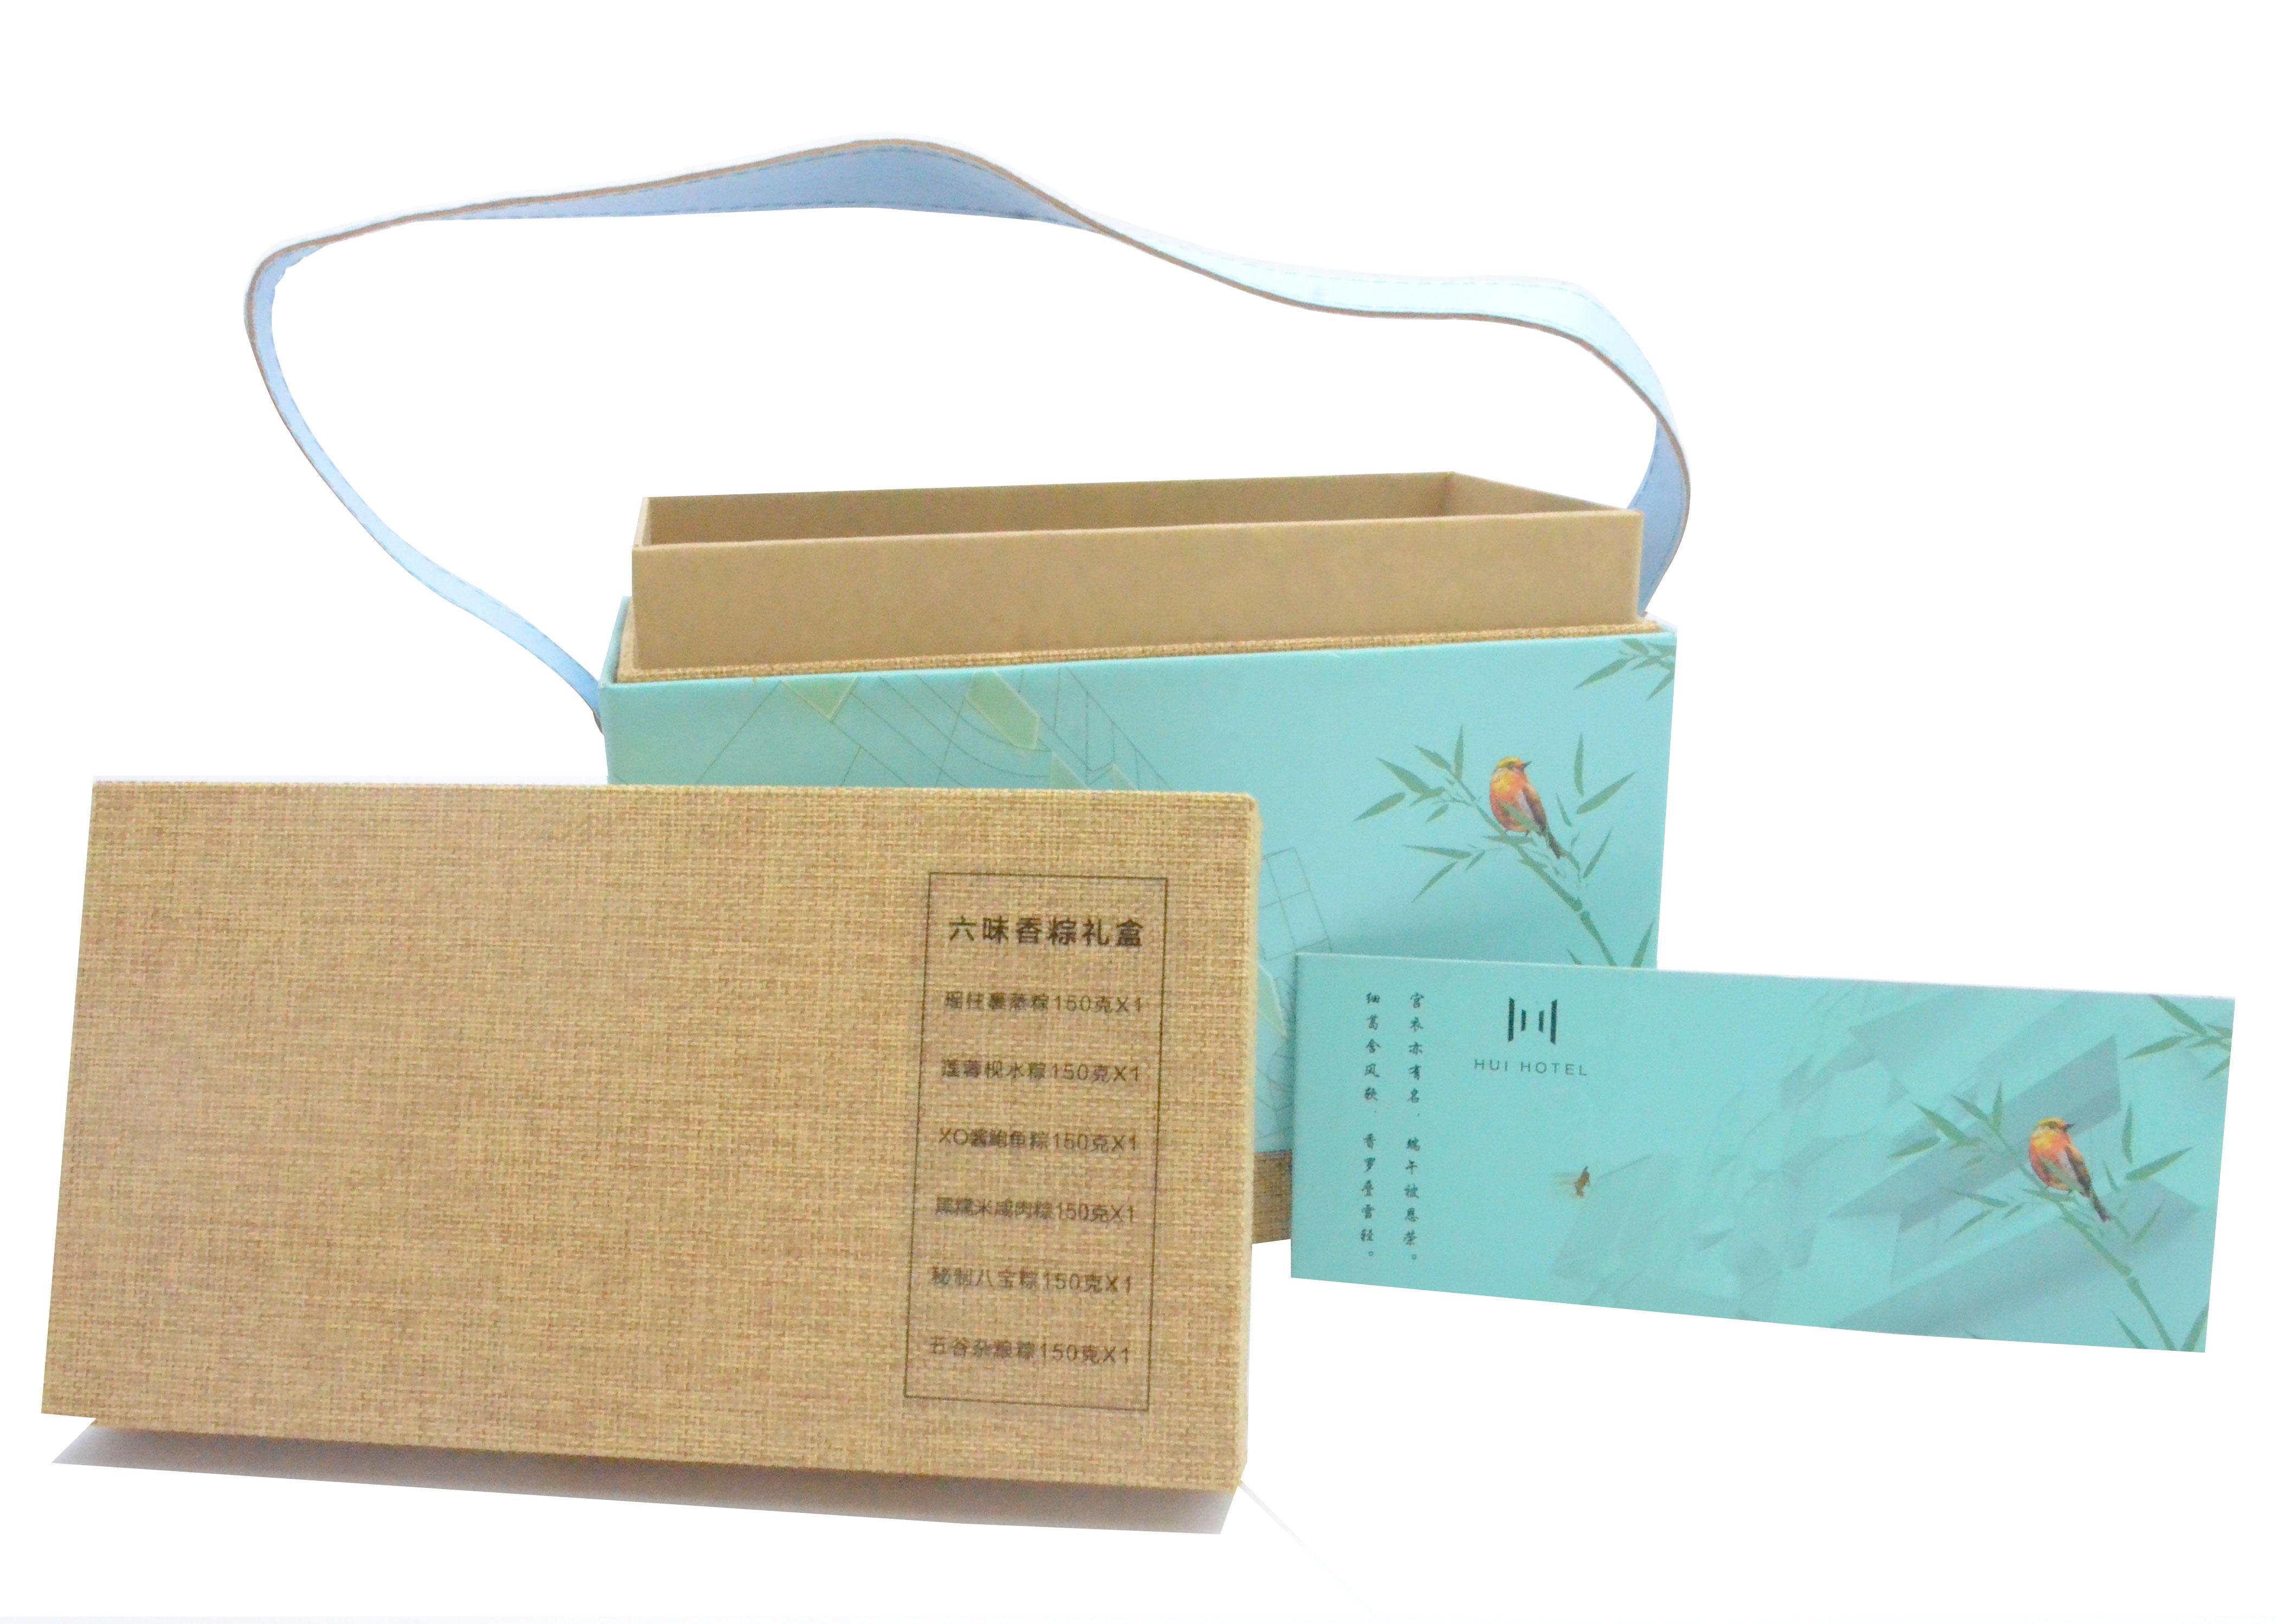 精品禮盒,化妝品盒,禮品盒,彩盒定制,天地盒,書形盒,酒盒,翻蓋盒,磁鐵盒,精裝盒